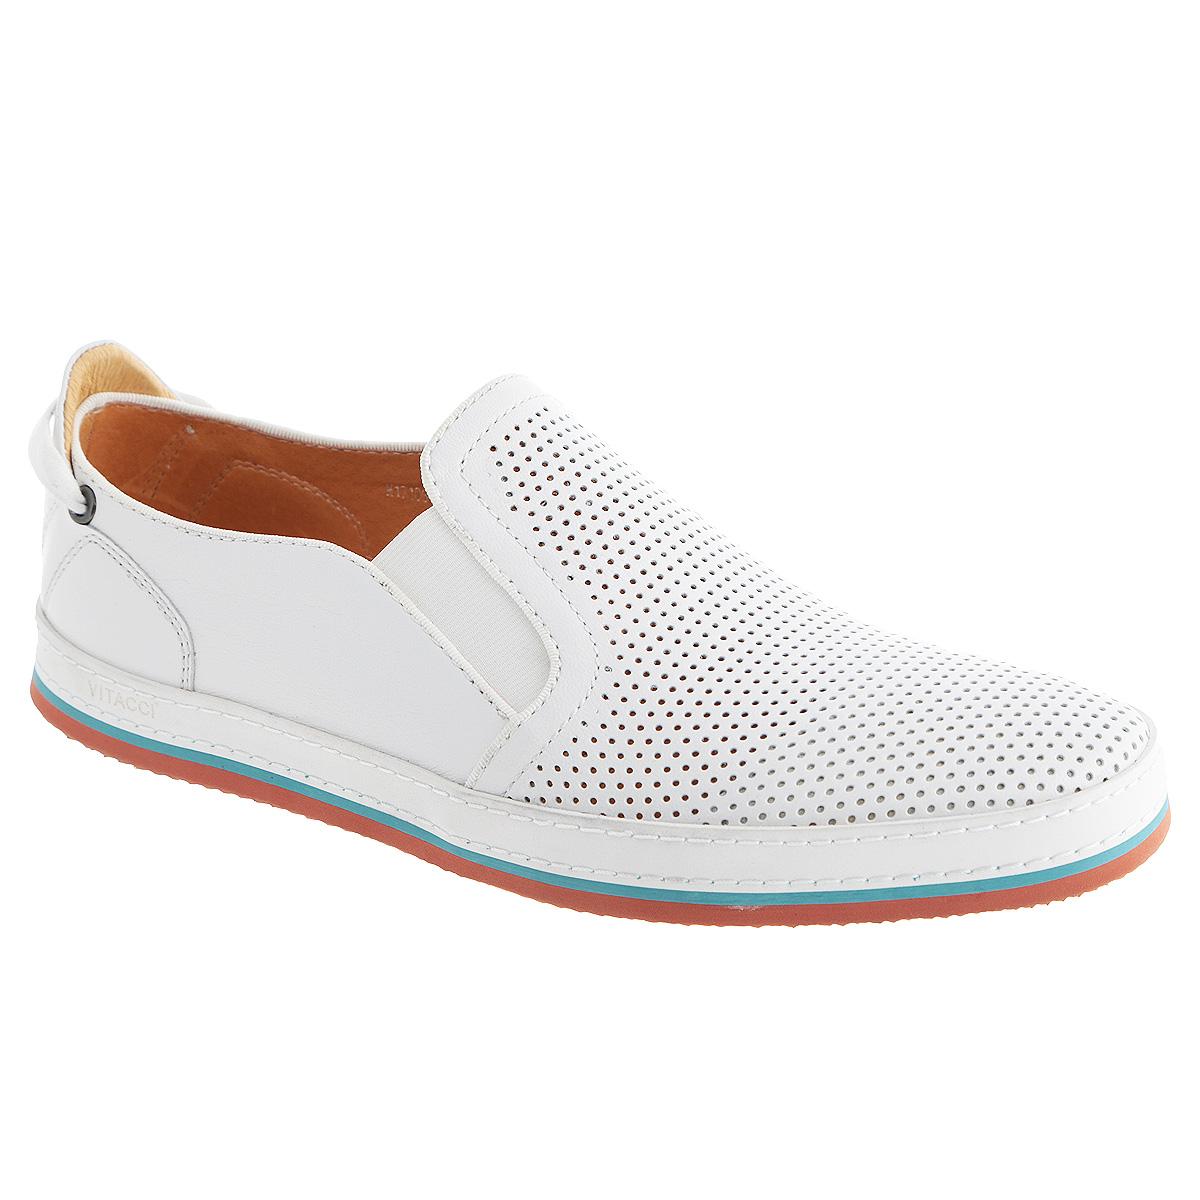 Туфли мужские. M171061M171061Стильные мужские туфли Vitacci займут достойное место среди вашей коллекции обуви. Модель изготовлена из натуральной высококачественной кожи и оформлена двойной прострочкой и тисненым названием бренда на ранте, круглой металлической пластиной с логотипом бренда и декоративным шнурком, пропущенным через фурнитуру, на заднике. Перфорация обеспечивает отличную вентиляцию, позволяет ногам дышать. Резинки, расположенные на подъеме, гарантируют оптимальную посадку модели на ноге. Съемная стелька из материала EVA с внешней поверхностью из натуральной кожи комфортна при движении. Рифленая поверхность подошвы защищает изделие от скольжения. Модные туфли покорят вас своим дизайном и удобством.